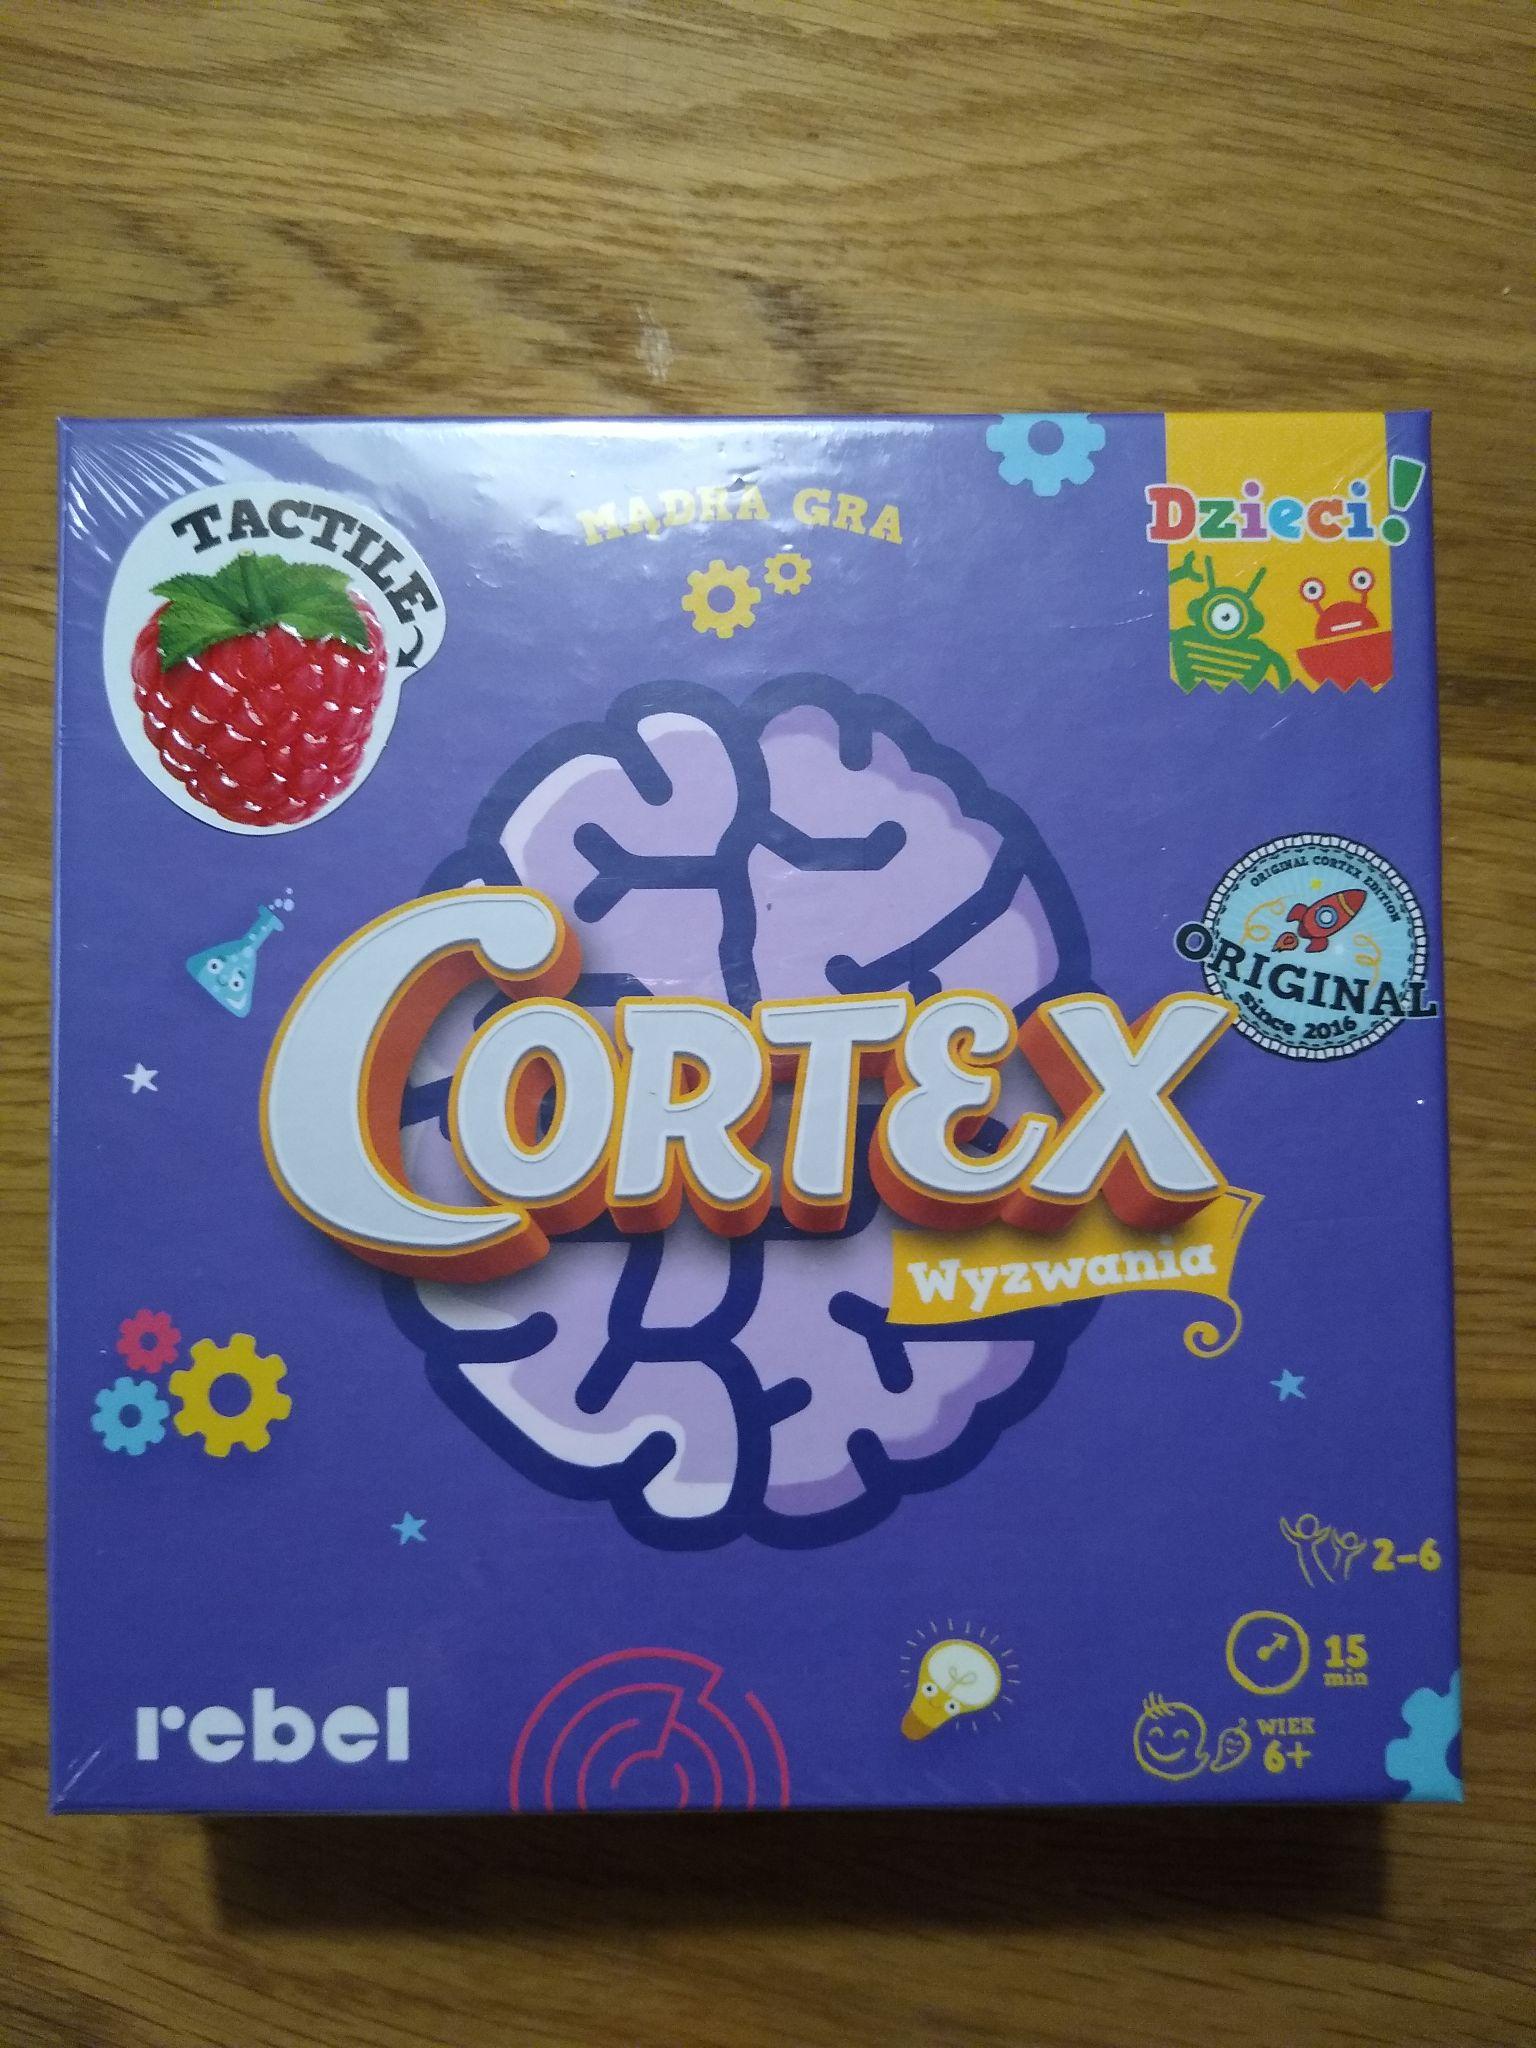 Gra planszowa dla dzieci CORTEX